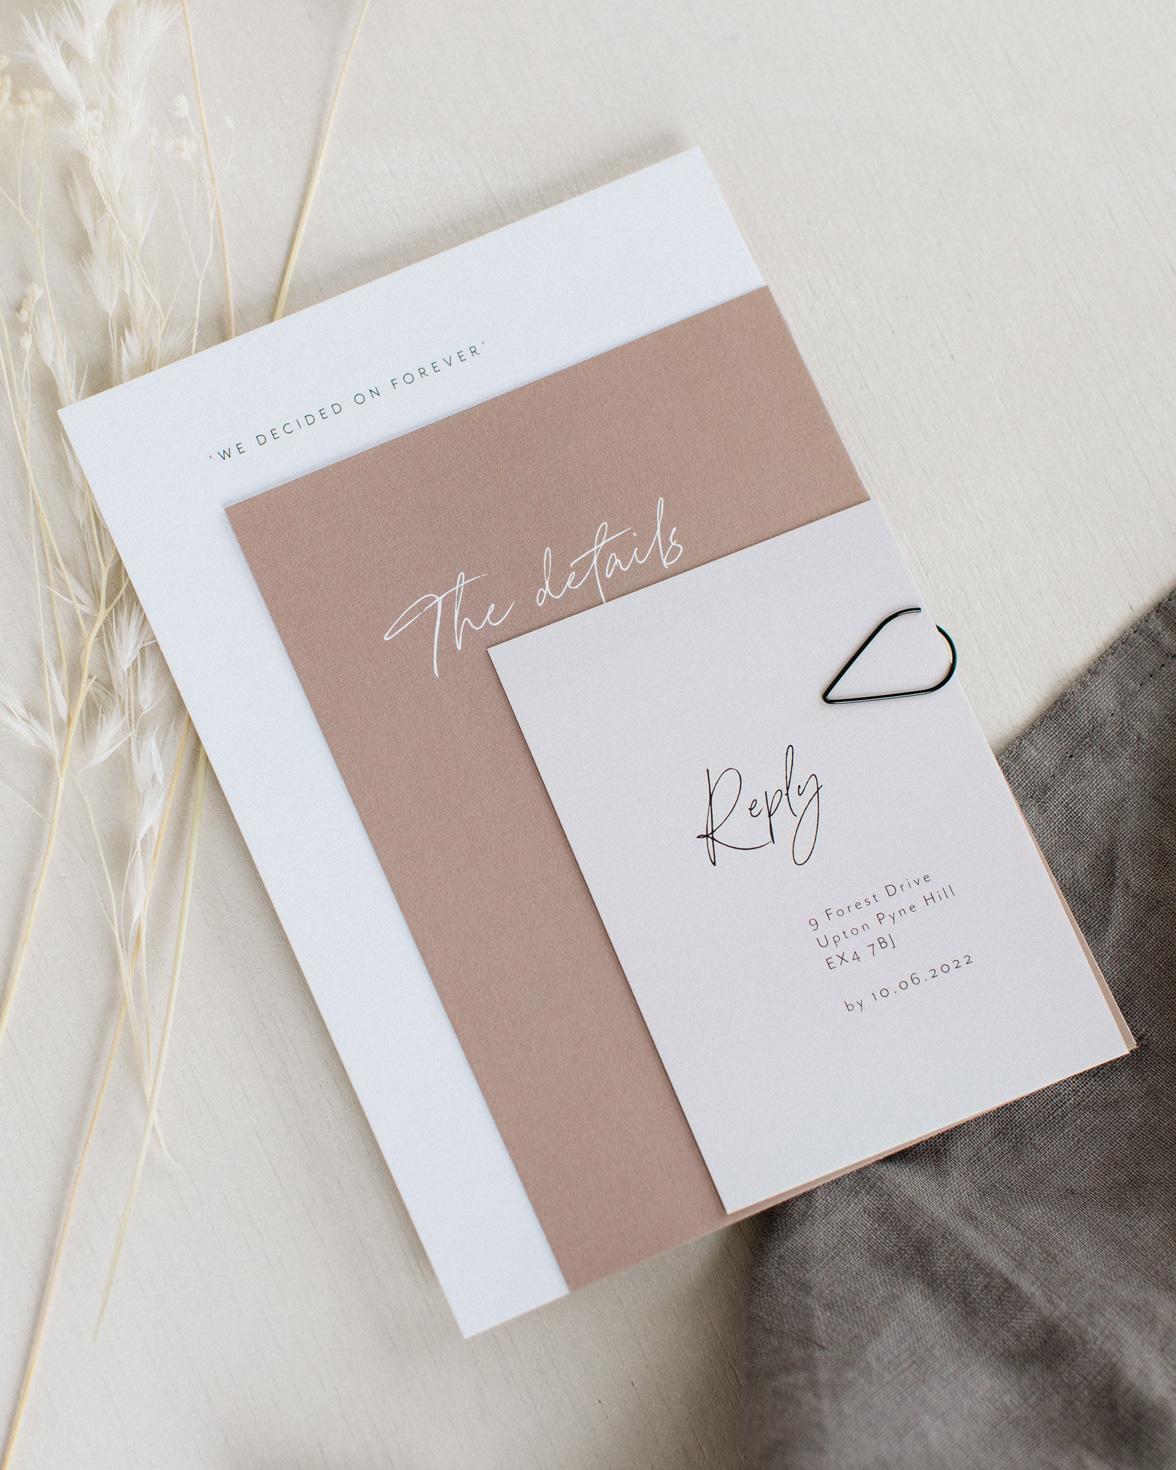 Forever Bound wedding invitation sample pack